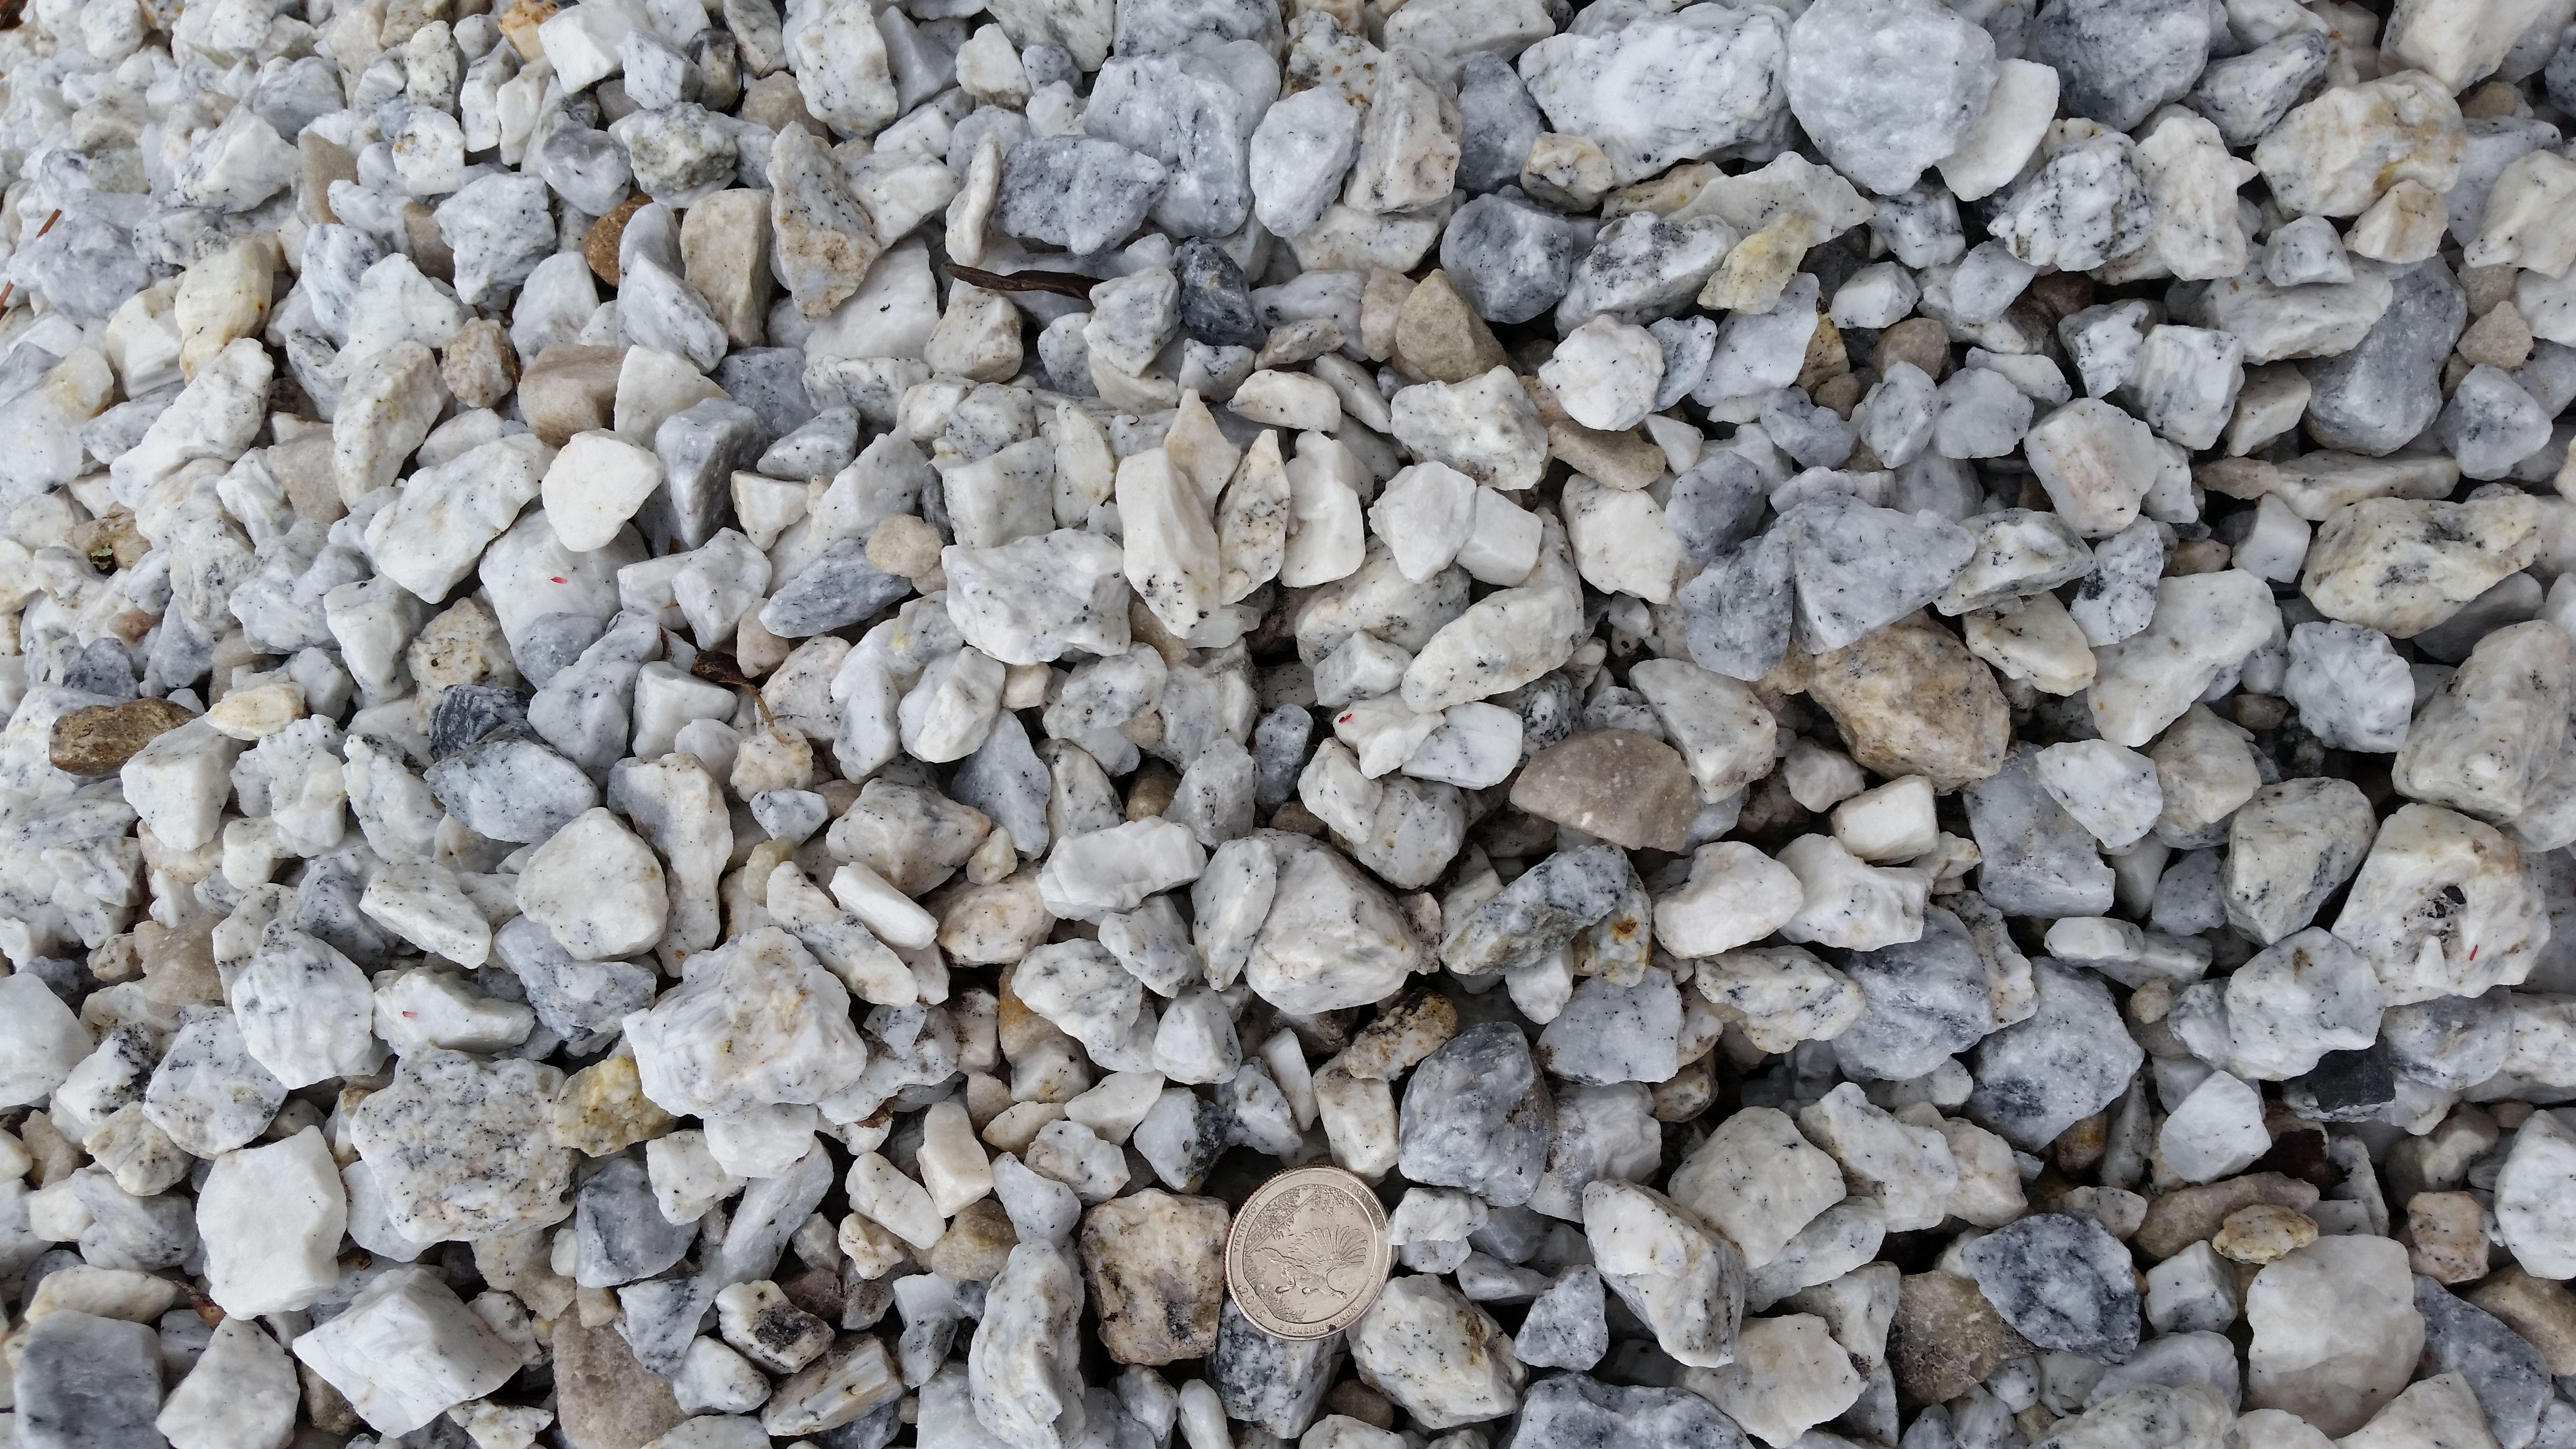 bag of white rocks home depot